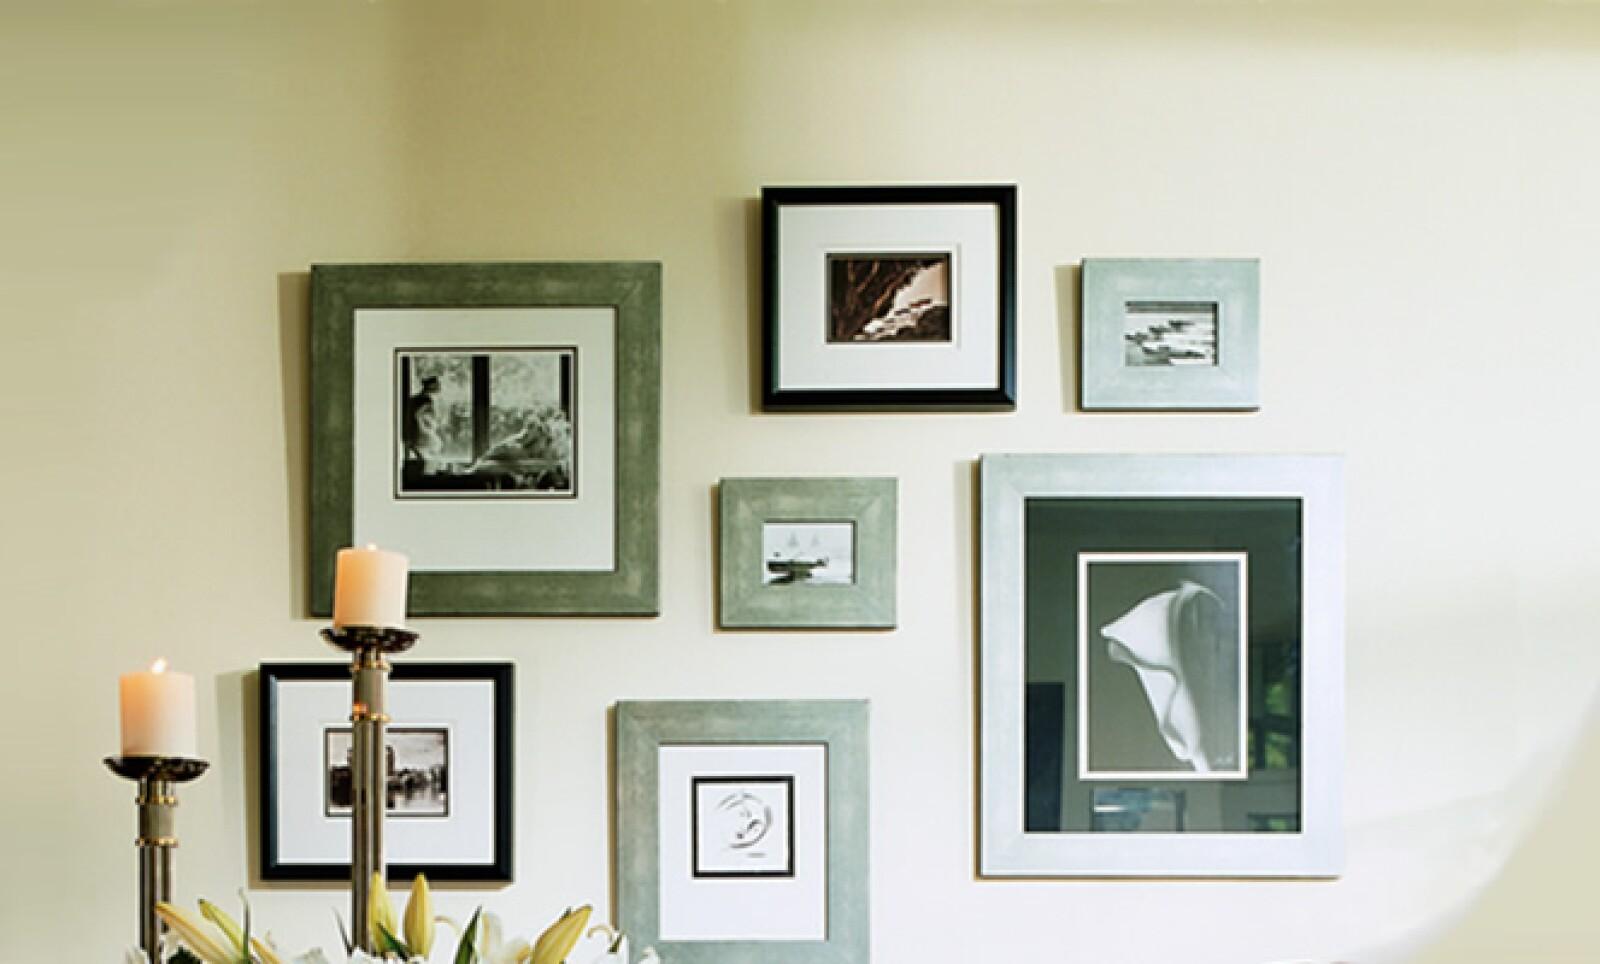 Colocar los cuadros a la altura de la vista crea un ambiente tipo galería. Puedes variar en los tamaños y formas.